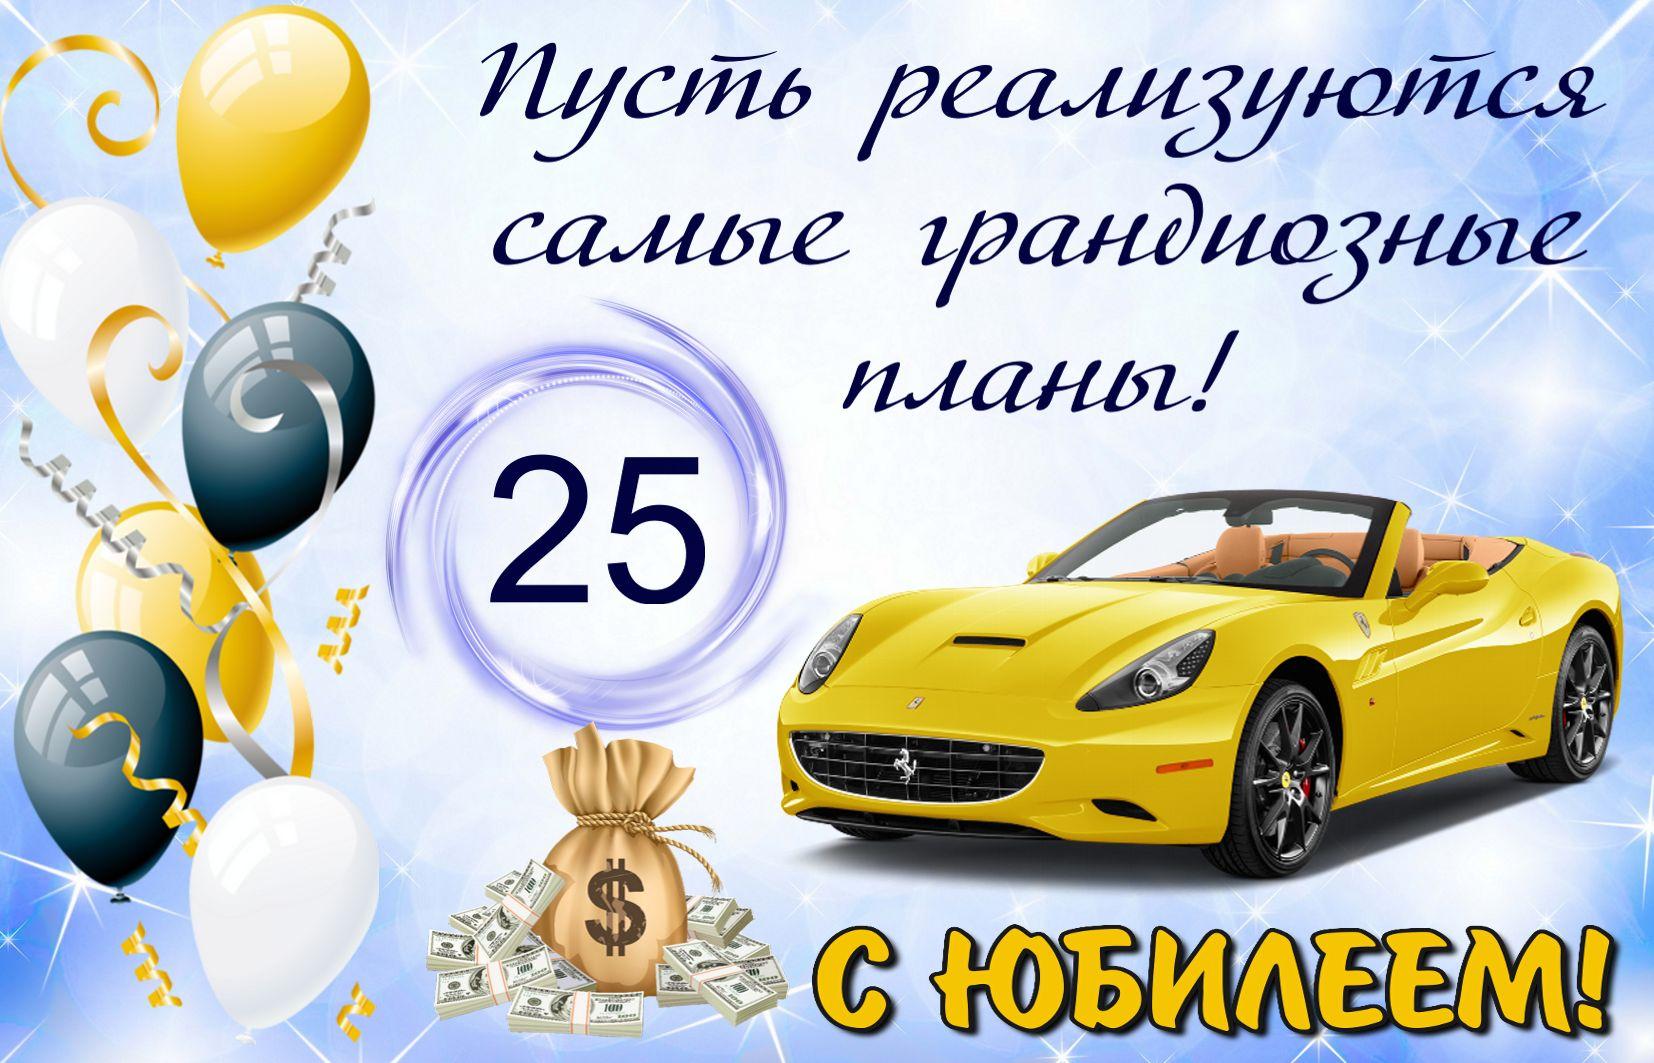 Открытка на юбилей 25 лет - пожелание и красивая желтая машина